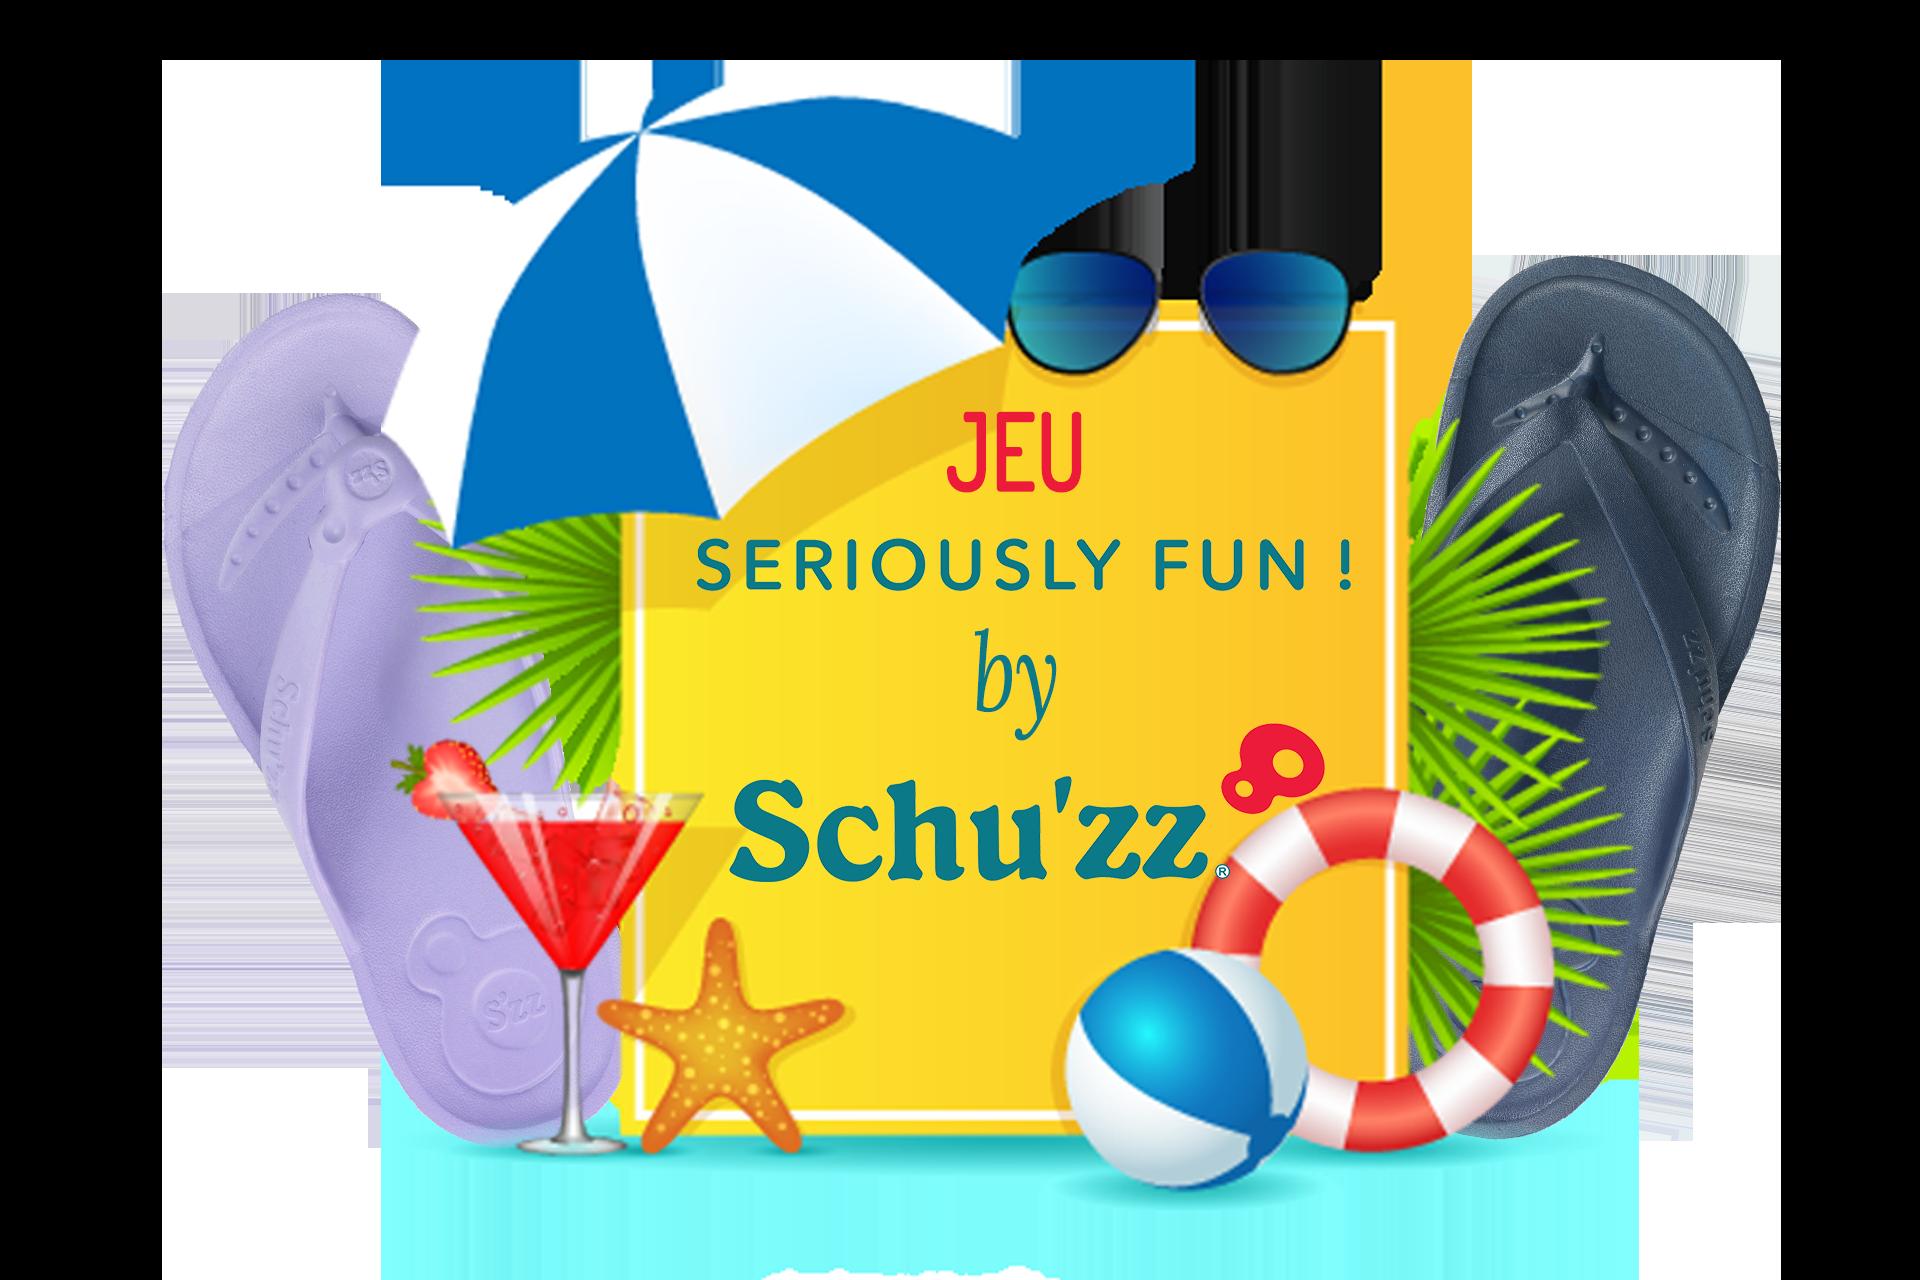 jeu Schu'zz